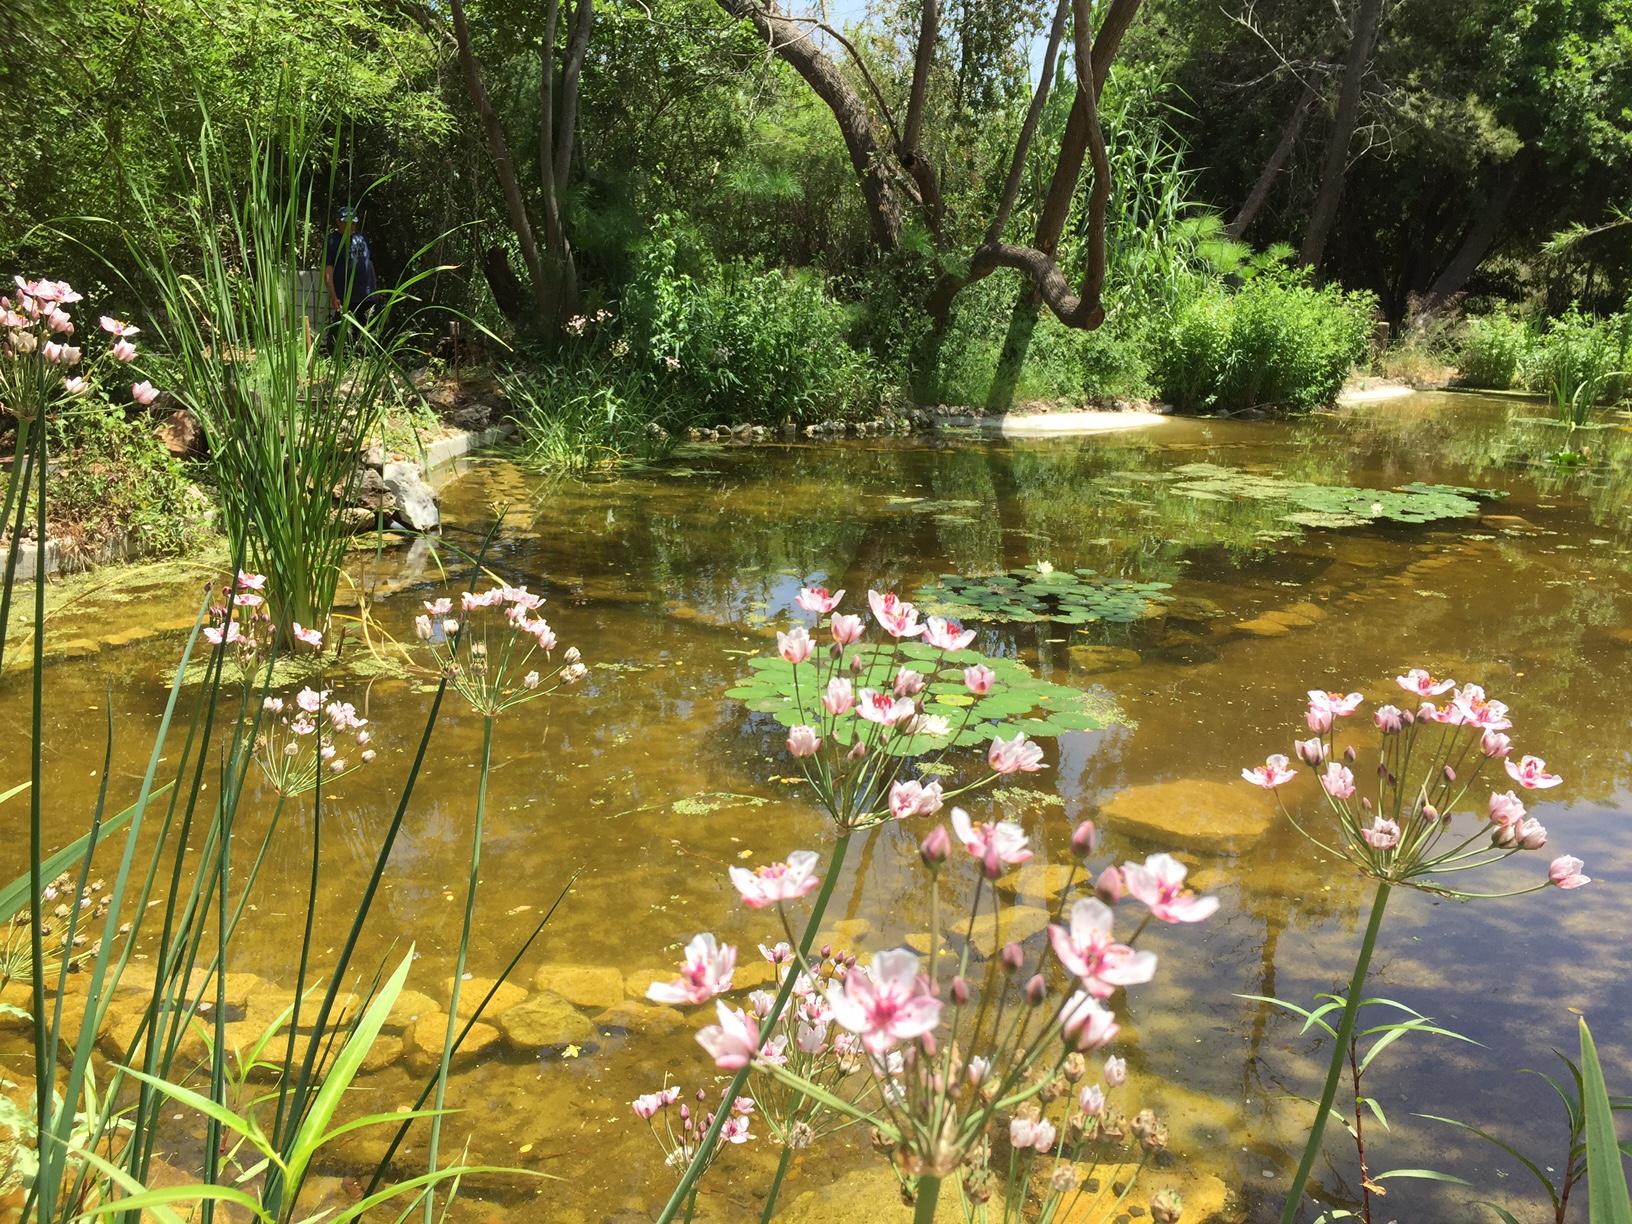 שיקום צומח בגן הבוטני בגני הטבע